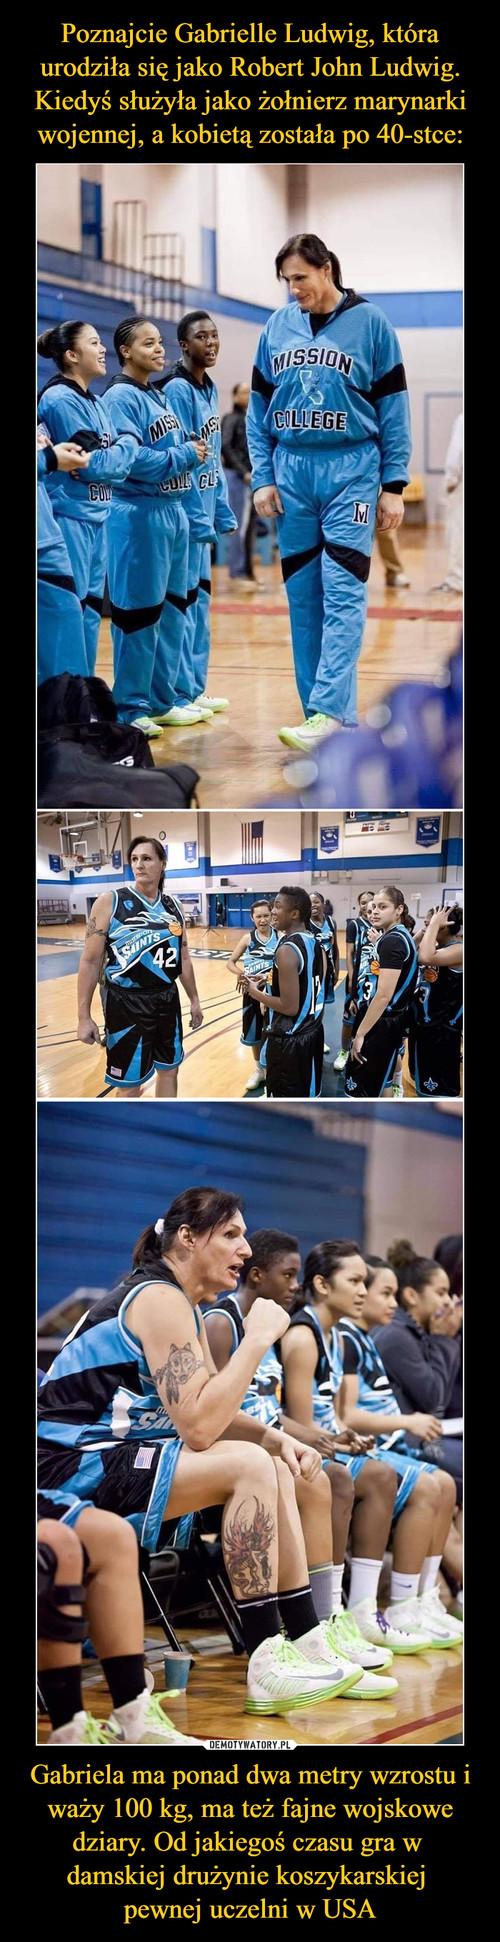 Poznajcie Gabrielle Ludwig, która urodziła się jako Robert John Ludwig. Kiedyś służyła jako żołnierz marynarki wojennej, a kobietą została po 40-stce: Gabriela ma ponad dwa metry wzrostu i waży 100 kg, ma też fajne wojskowe dziary. Od jakiegoś czasu gra w  damskiej drużynie koszykarskiej  pewnej uczelni w USA